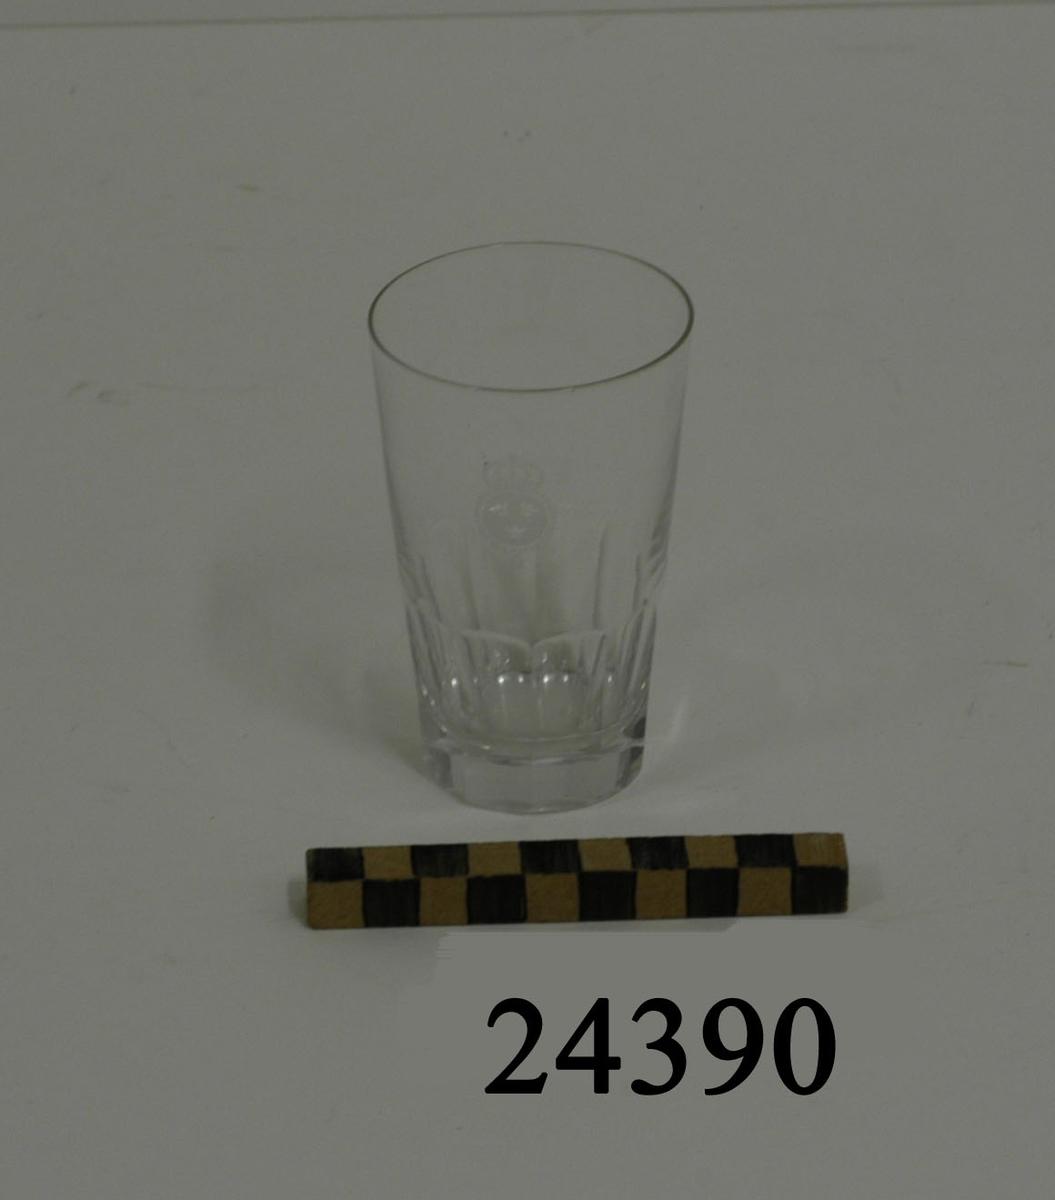 Selterglas, cylinderformat, tjock botten, utan fot, något större i mynningen än botten. Bågformad slipning i glasets nedre kant. På glasets mitt etsad dekor: lilla riksvapnet omgivet av koldinerorden. Diameter: 60 mm mynning,  D = 40 mm botten.